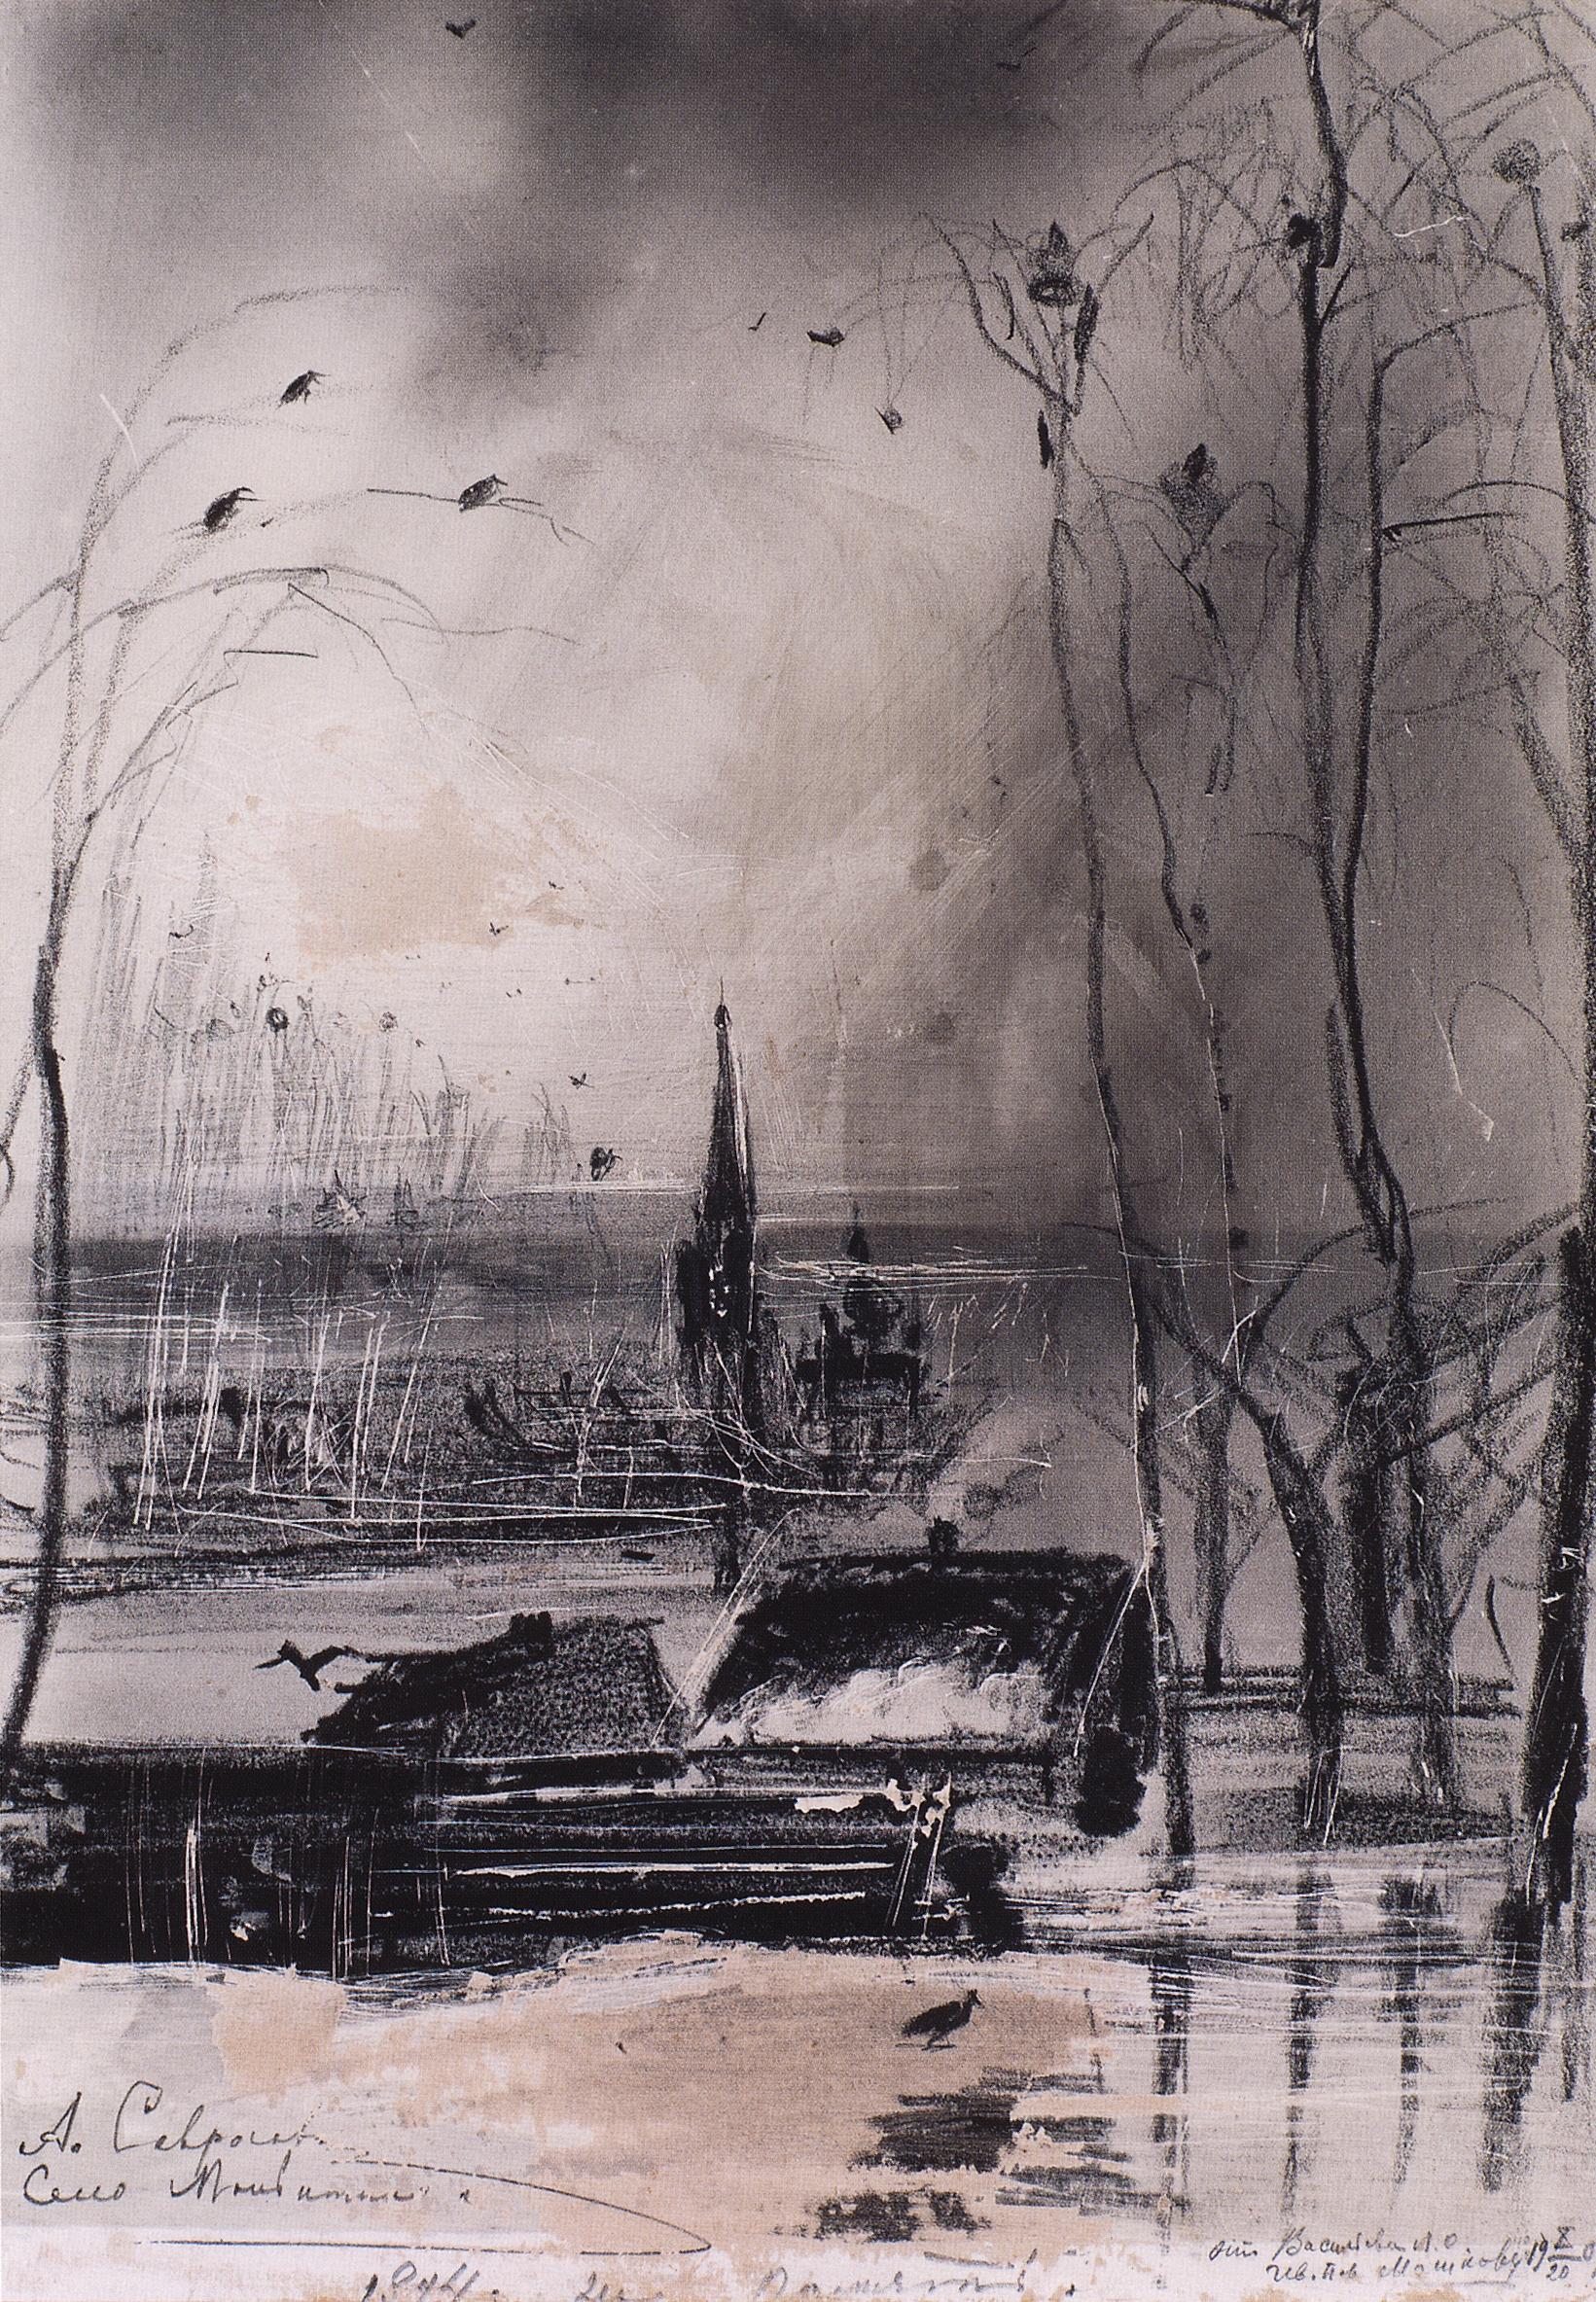 Саврасов. Грачи прилетели. Пейзаж с церковью. 1894